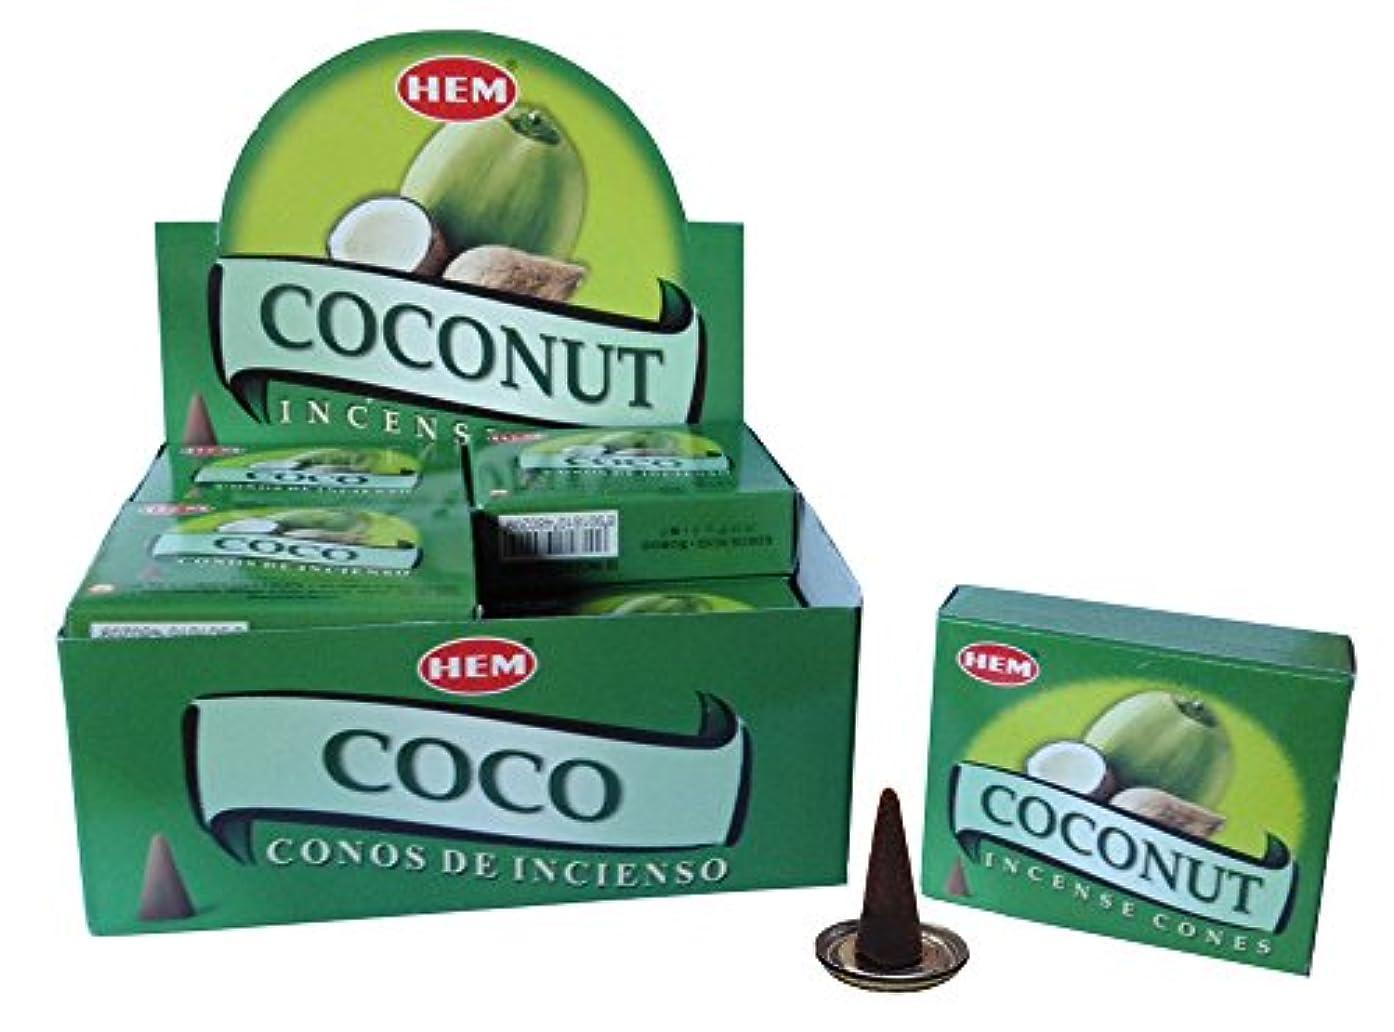 感謝散歩に行くためにHEM ココナッツ コーン 12個セット